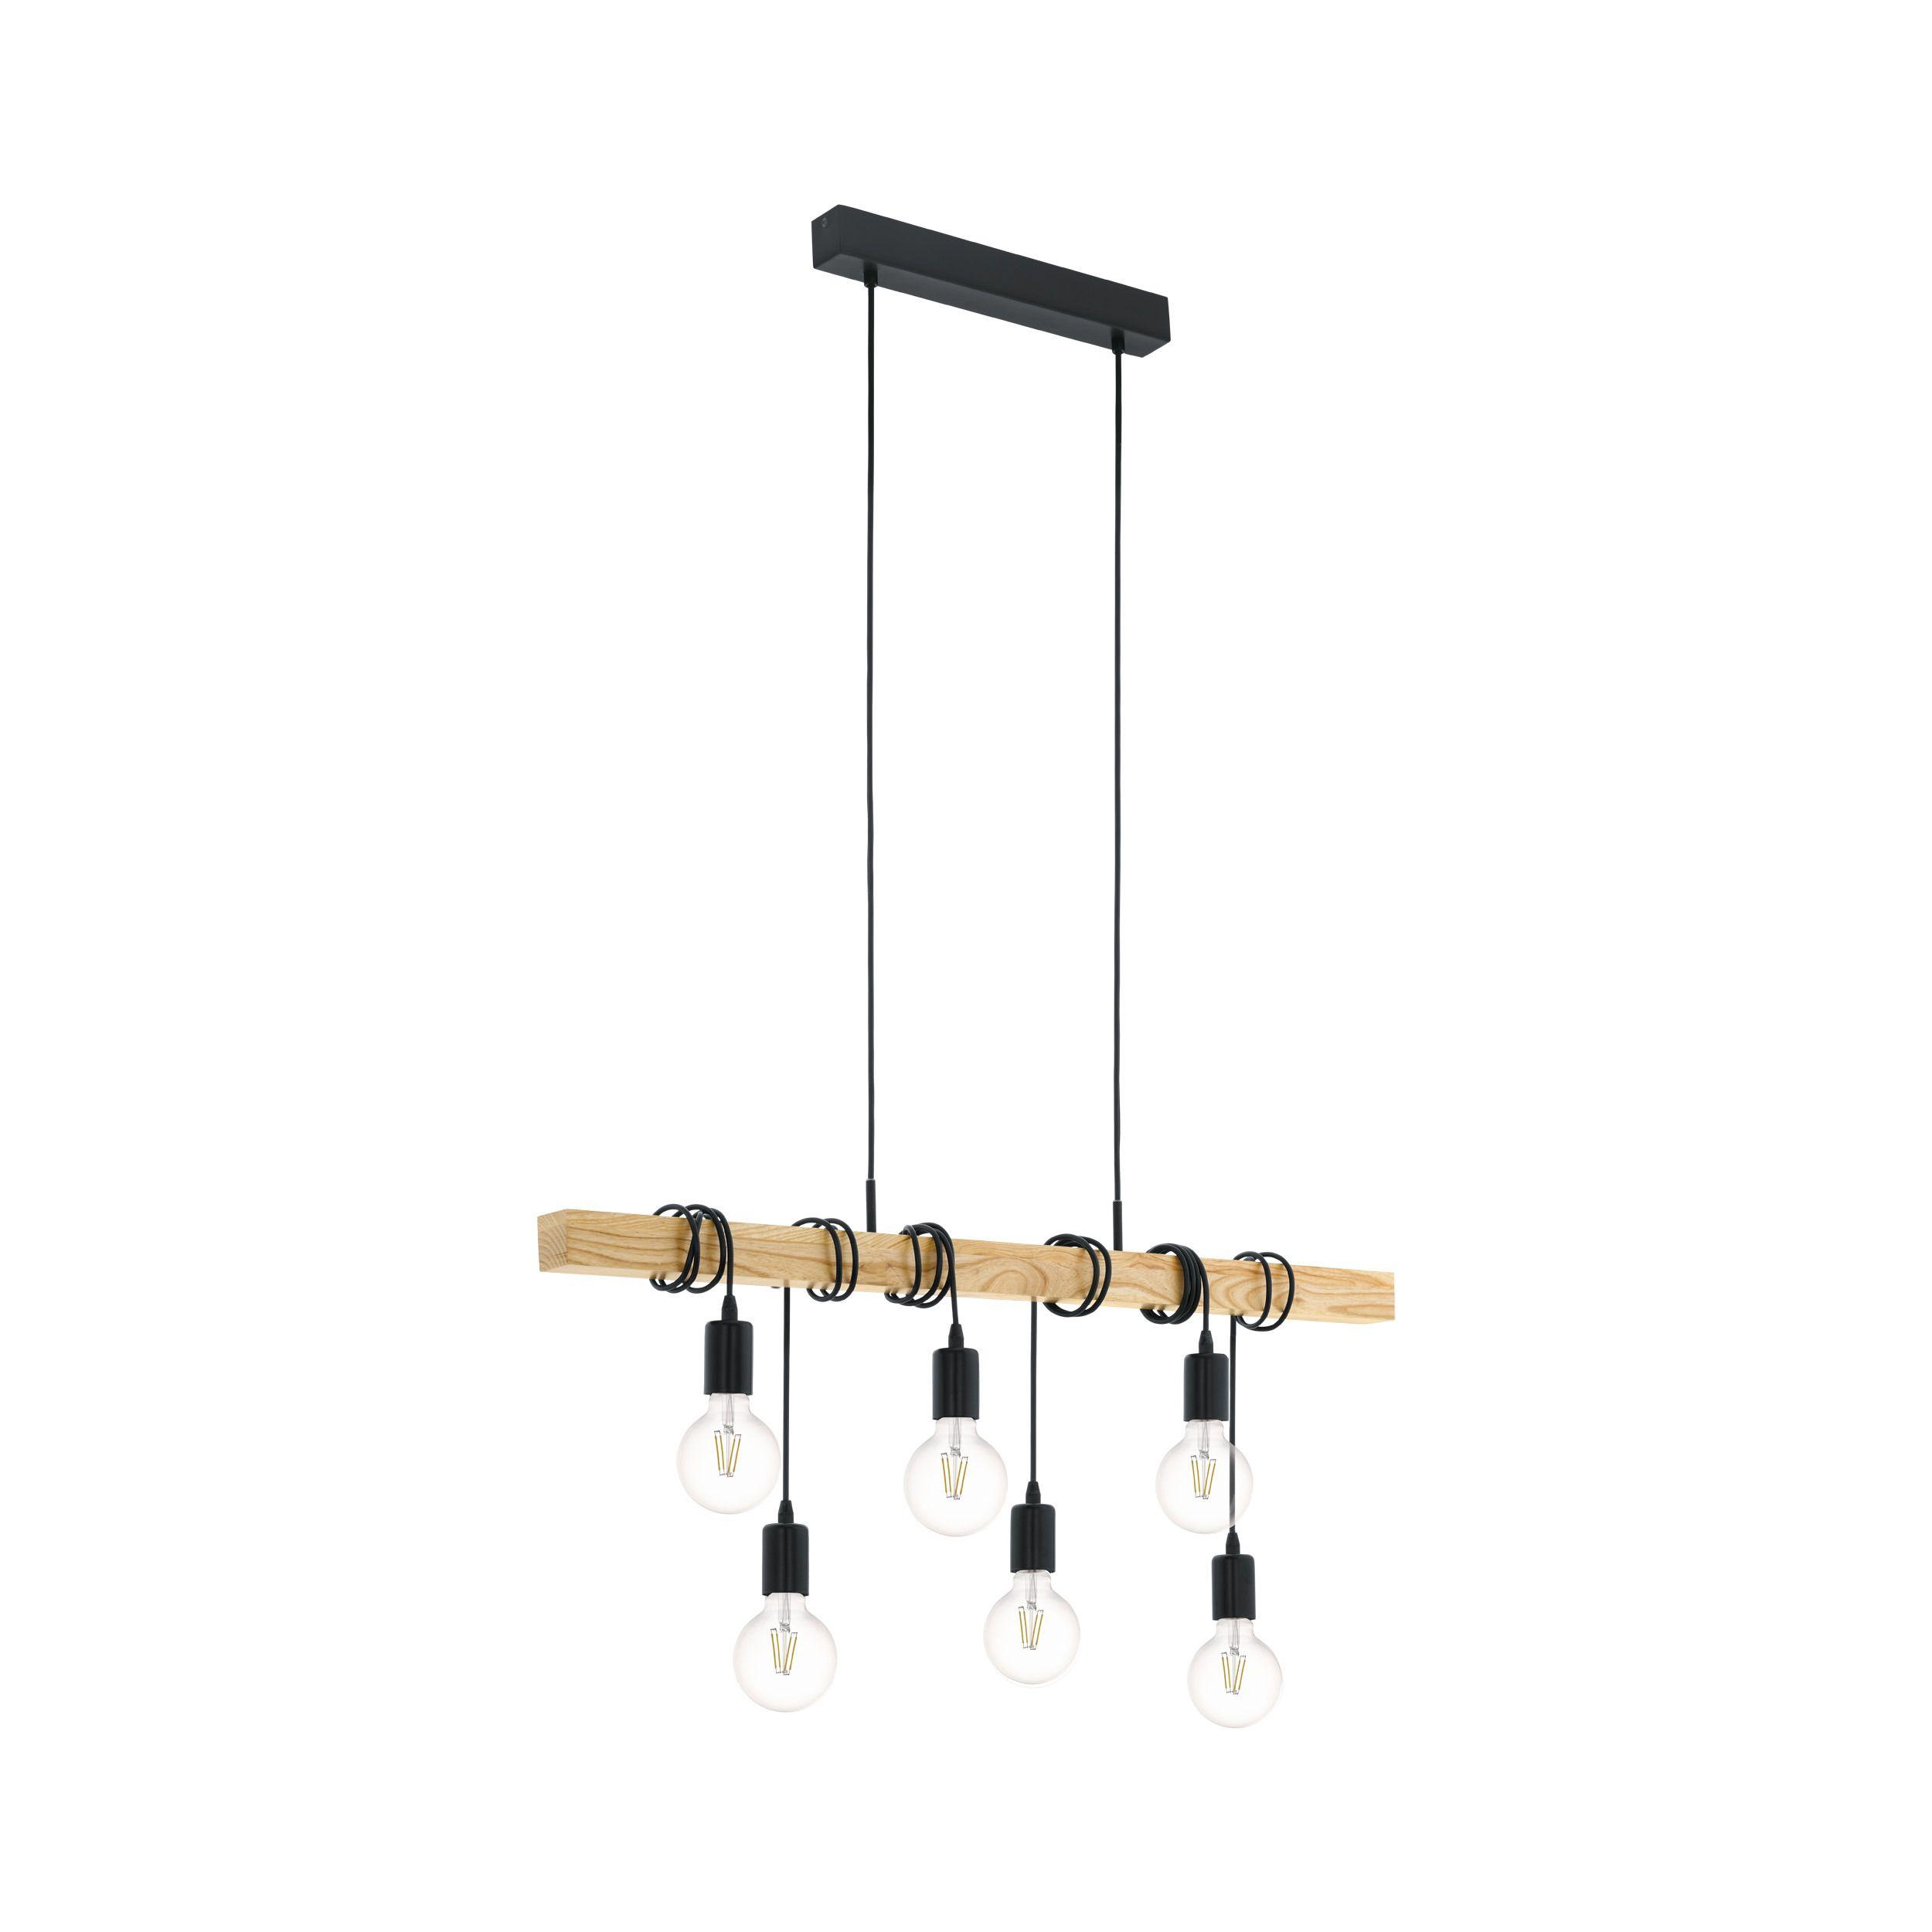 Eglo Hanglamp Townshend 6 Lichts Zwart Eiken Kopen Hanglampen Karwei Hanglamp Binnenverlichting Plafondverlichting